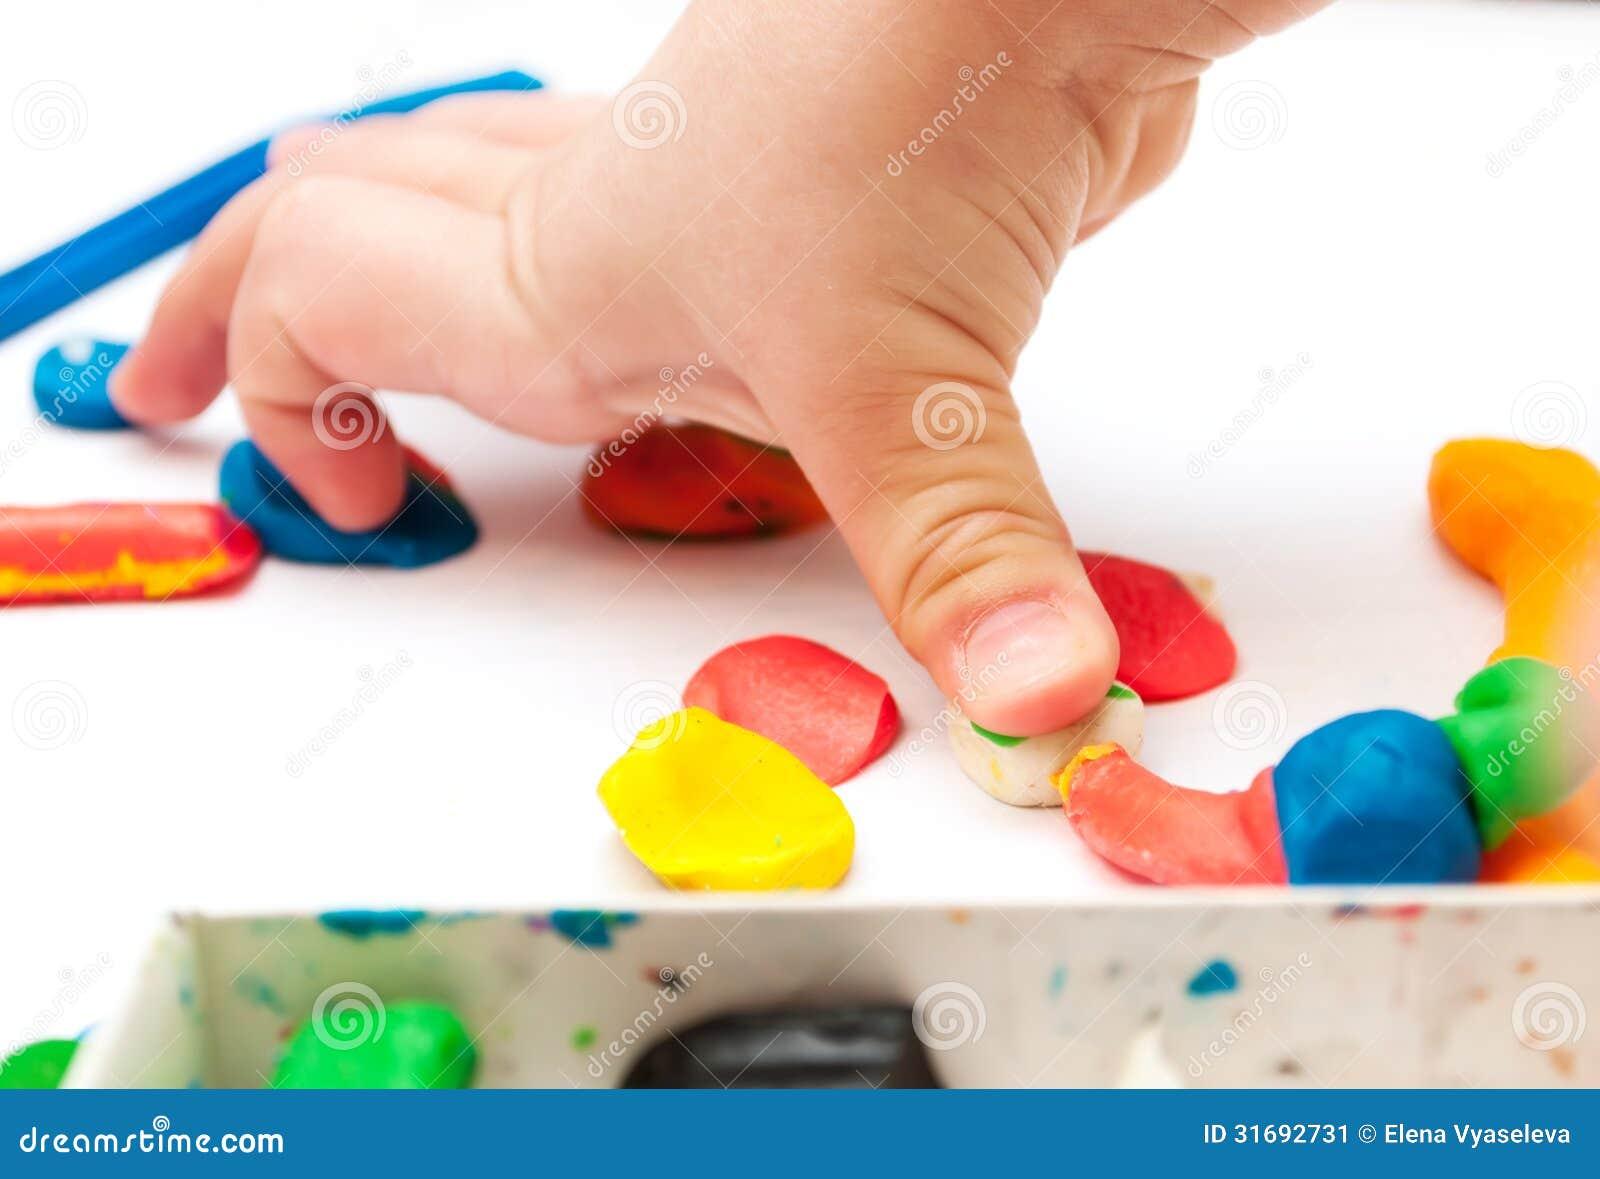 L 39 enfant moule de la p te modeler sur la table mains avec de la p te modeler image stock - Table a repasser avec les mains ...